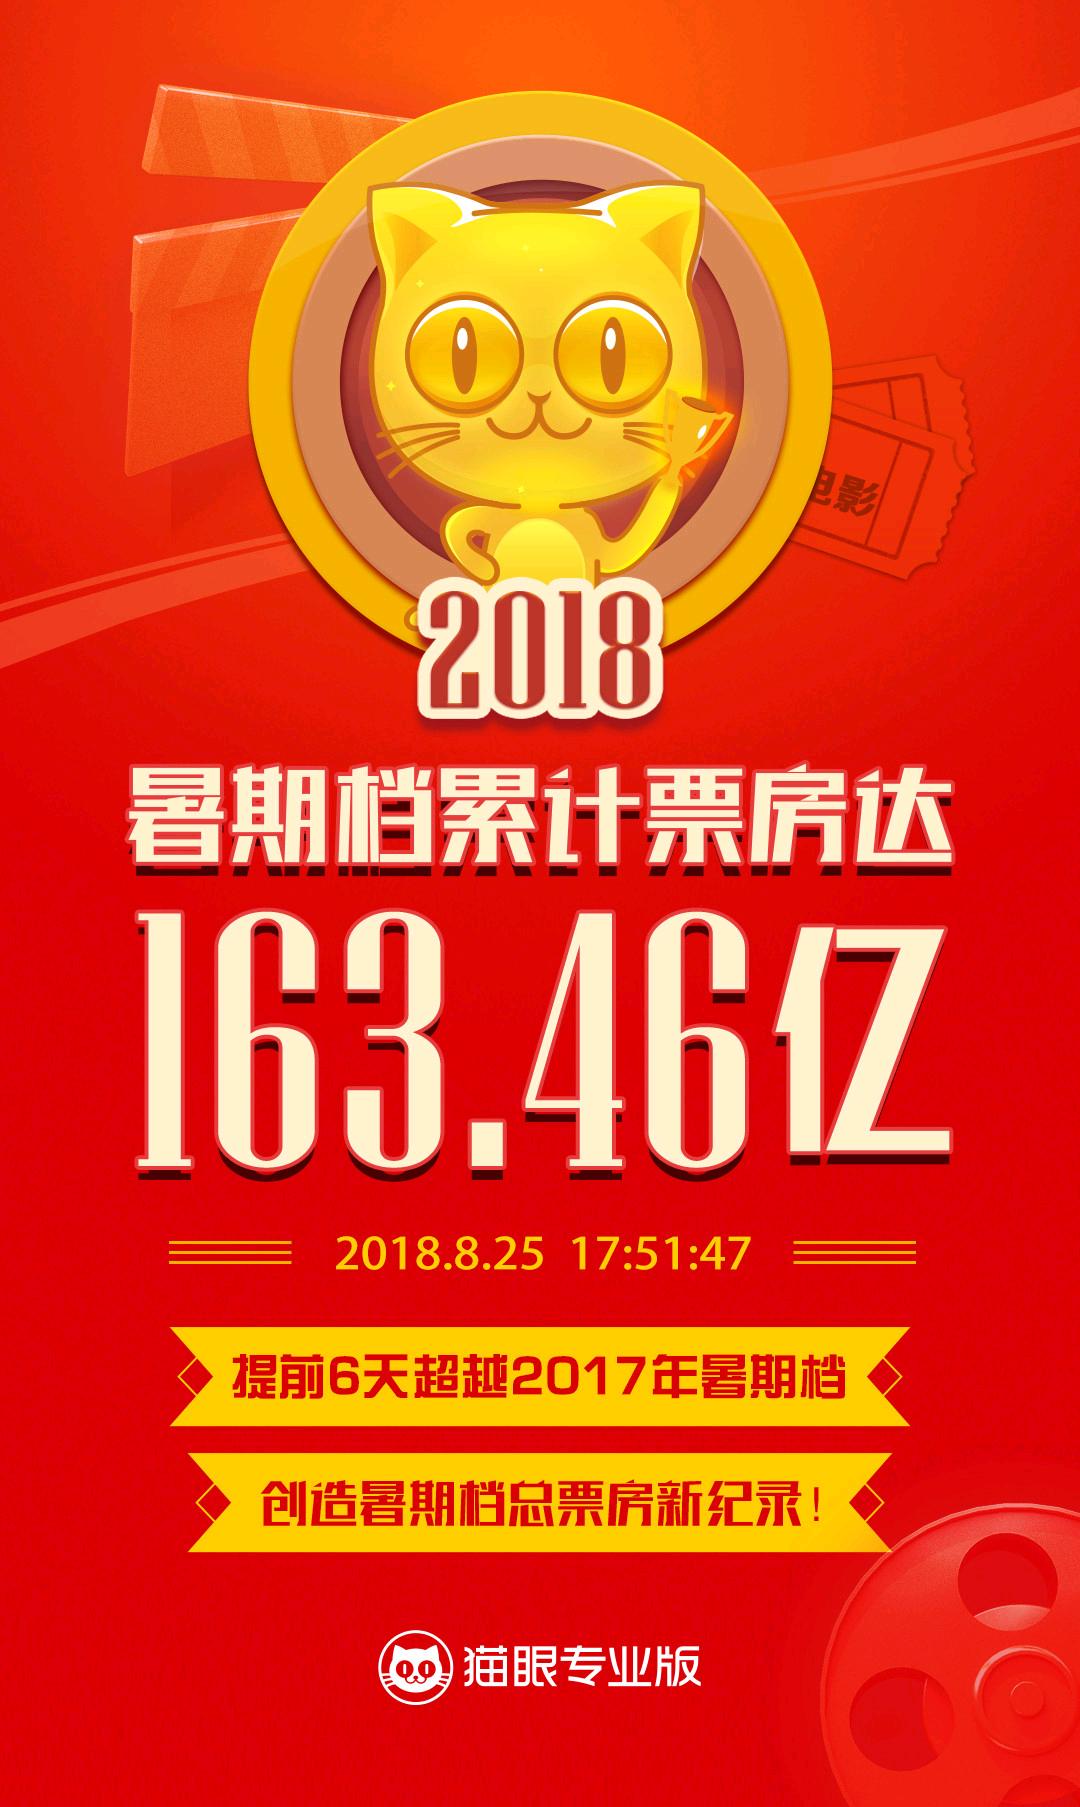 163亿元!暑期档总票房破中国影史纪录